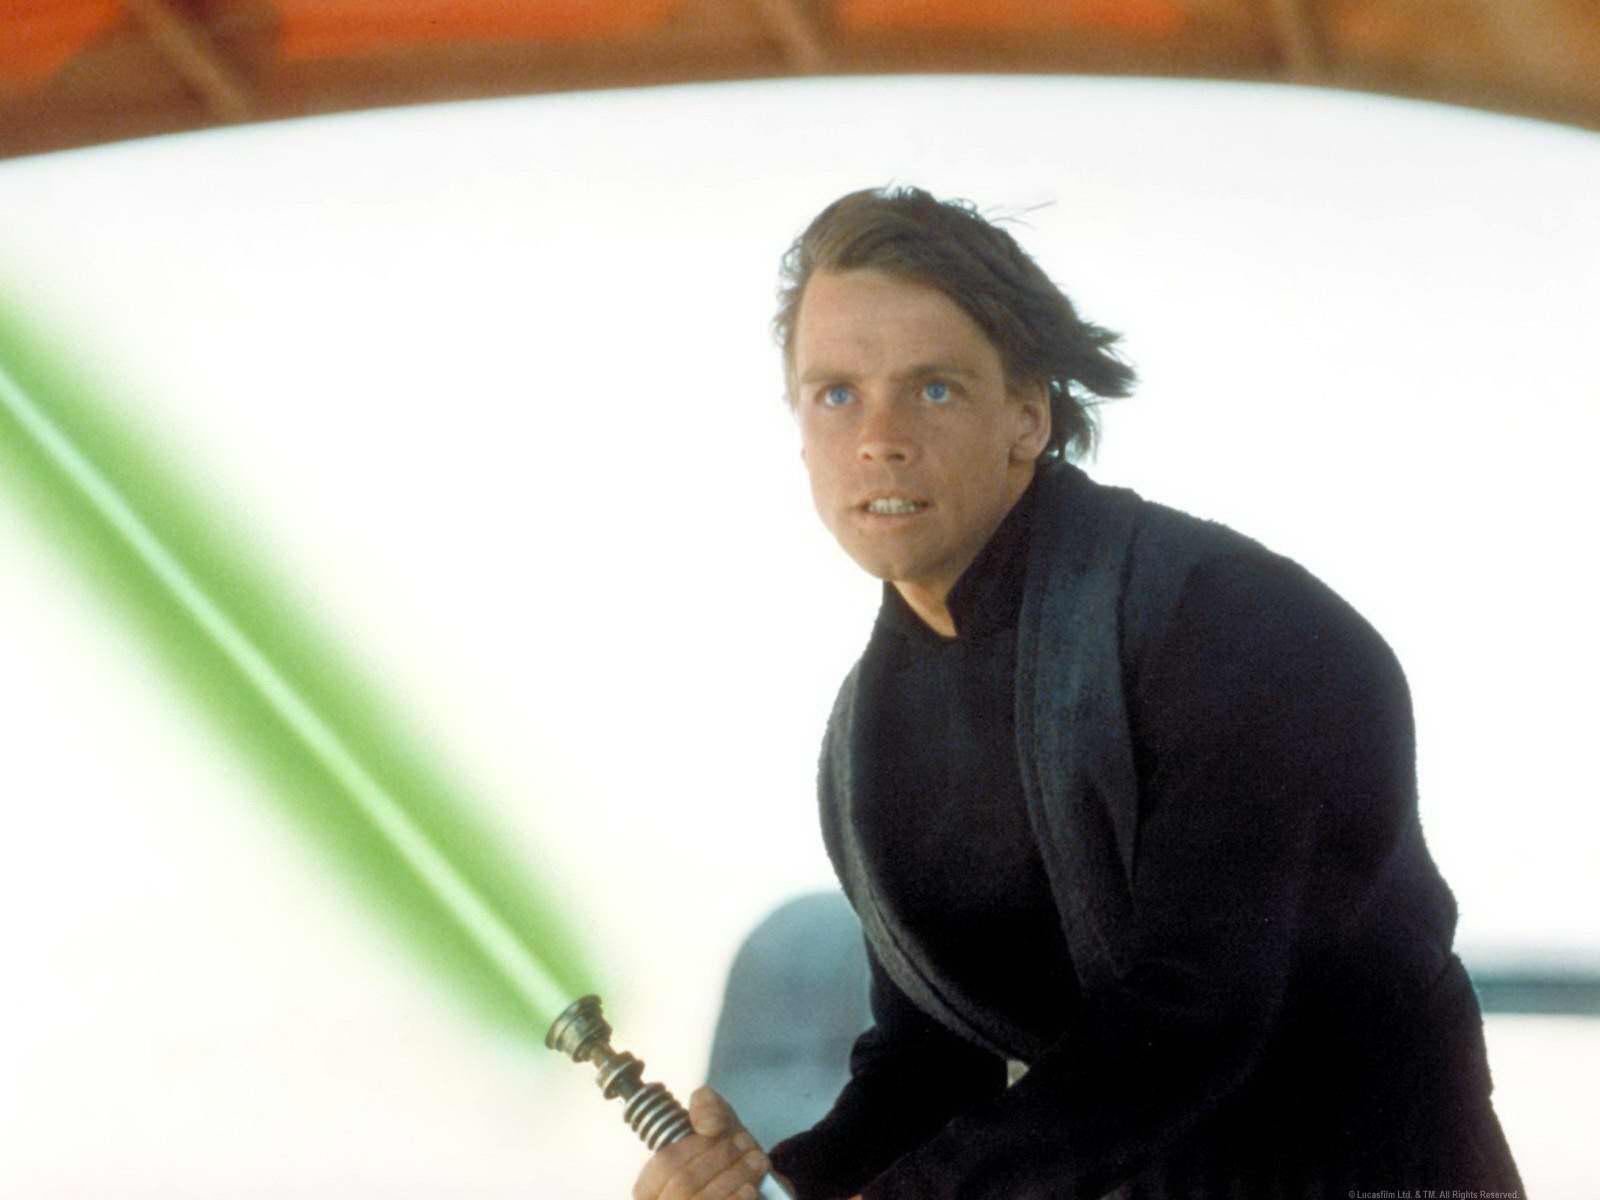 Star Wars Lightsabers Jedi Luke Skywalker Fresh New Hd Wallpaper 1600x1200